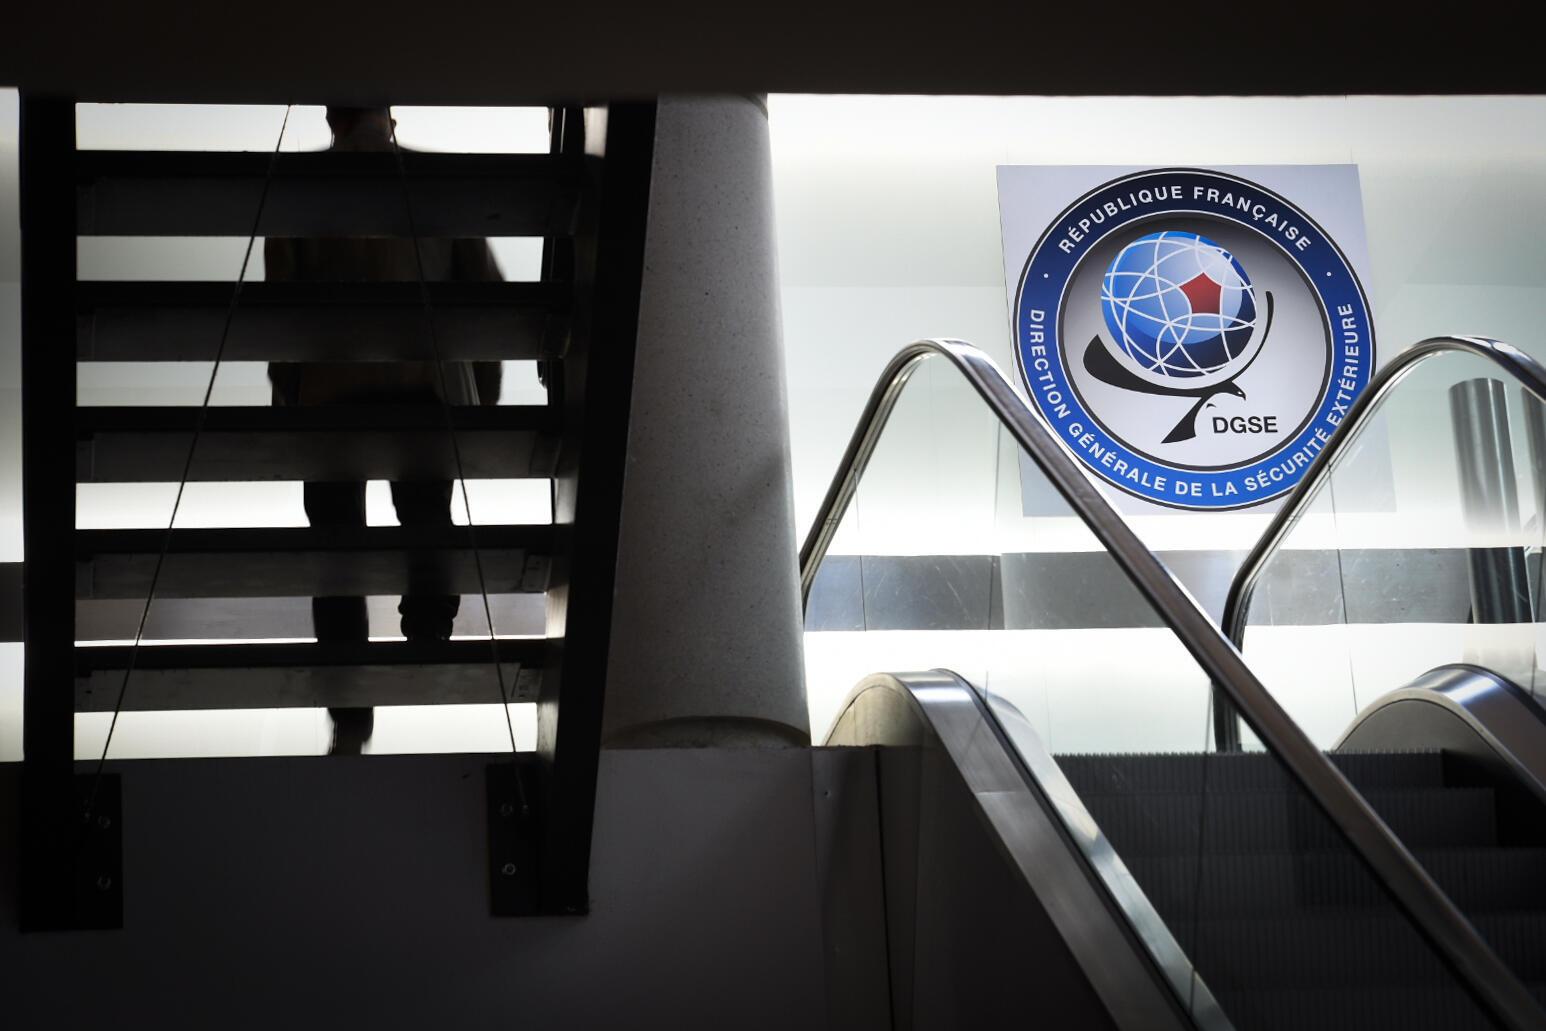 Le siège de l'agence française de renseignement extérieur, la Direction générale de la sécurité extérieure (DGSE), à Paris, le 4 juin 2015.